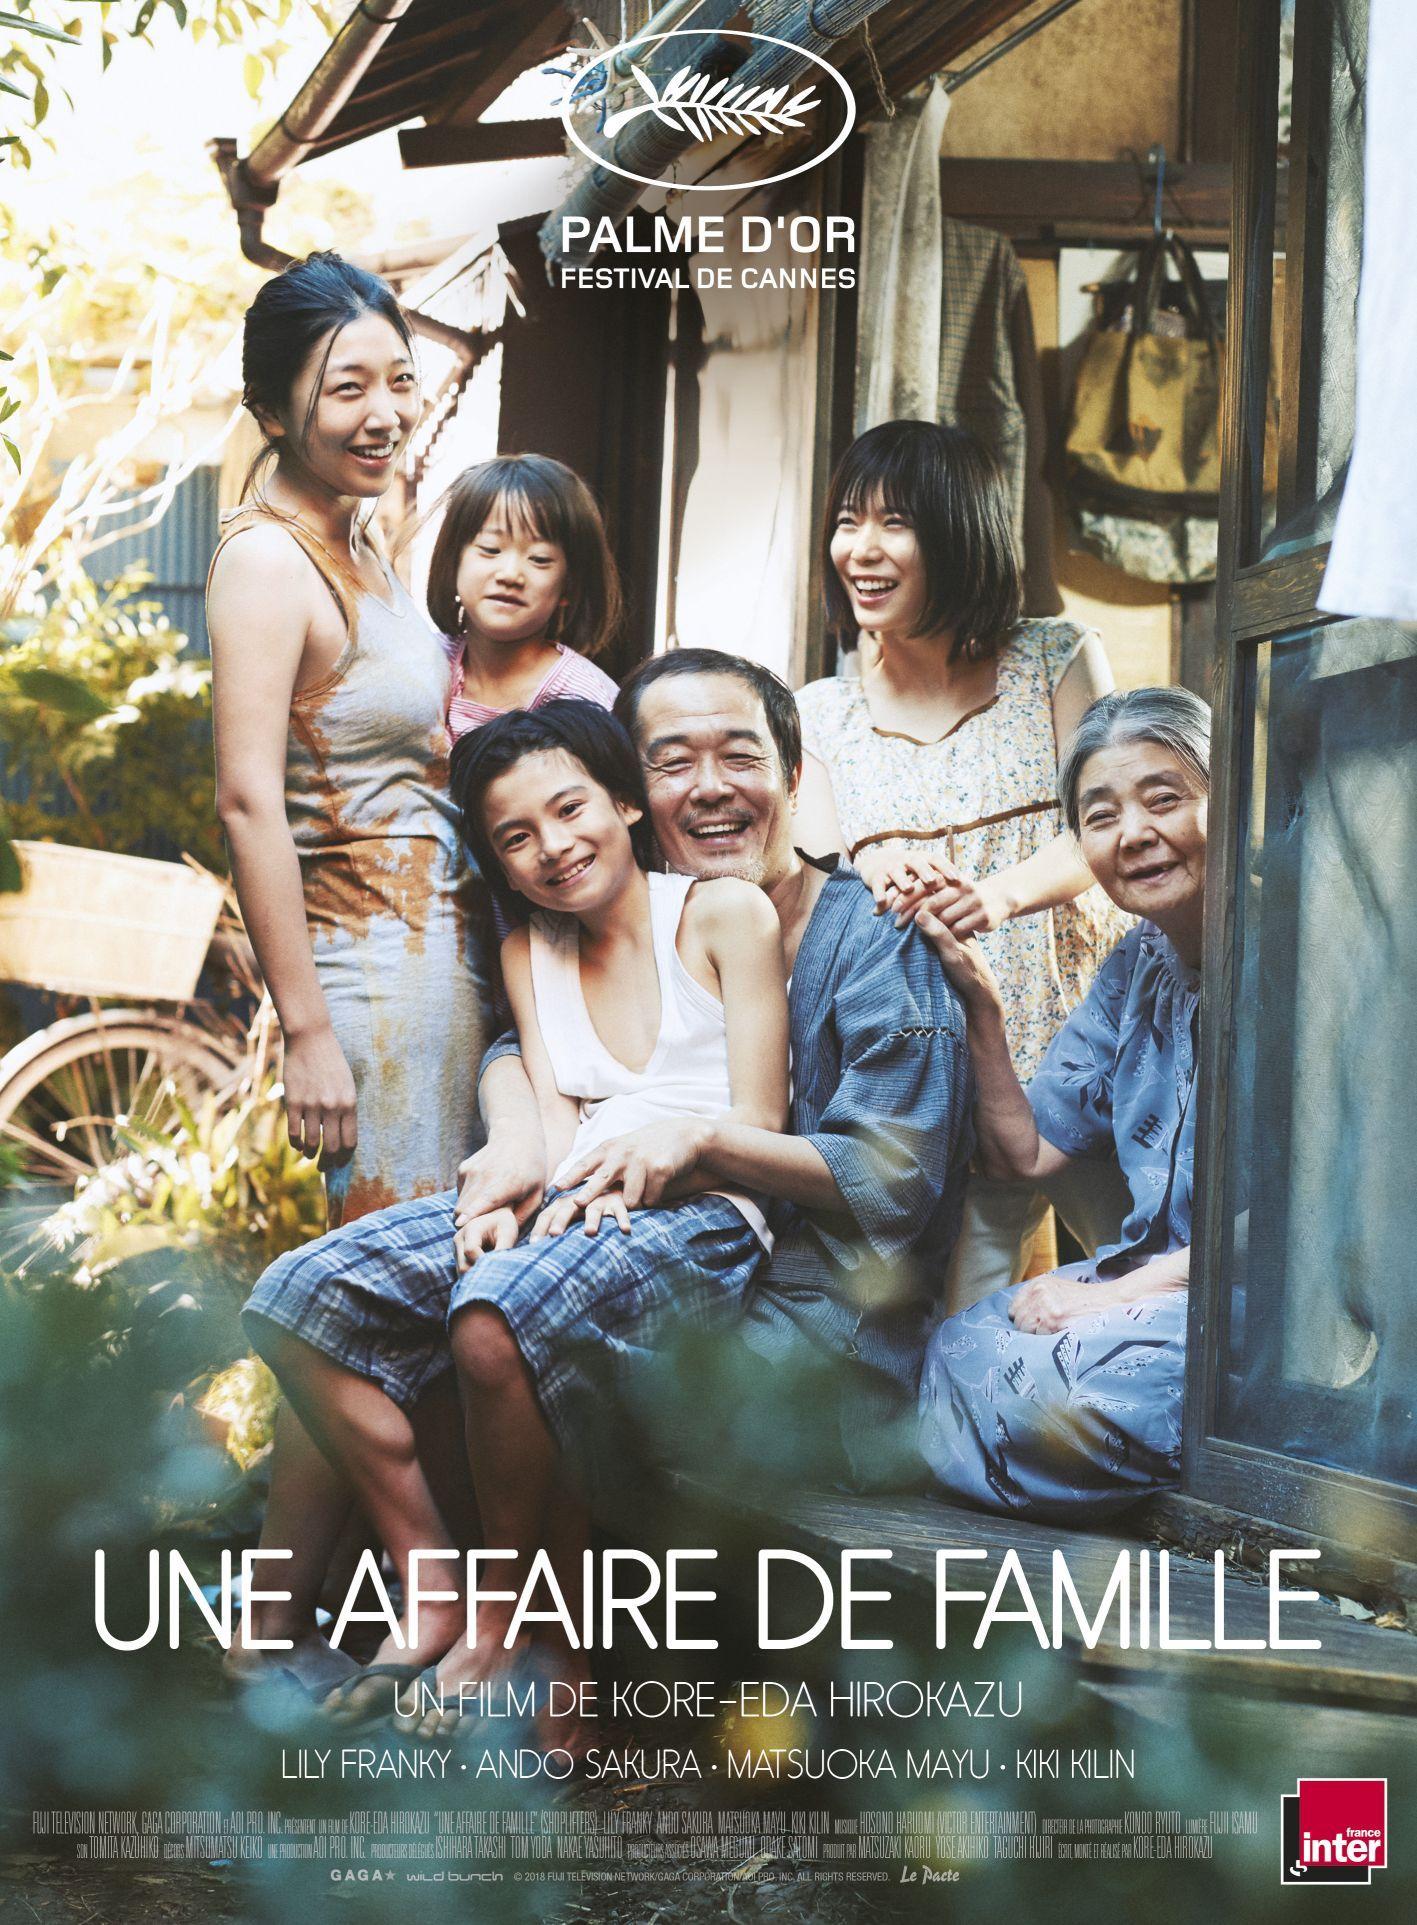 Une affaire de famille : un film tout en finesse, intimiste et touchant, qui